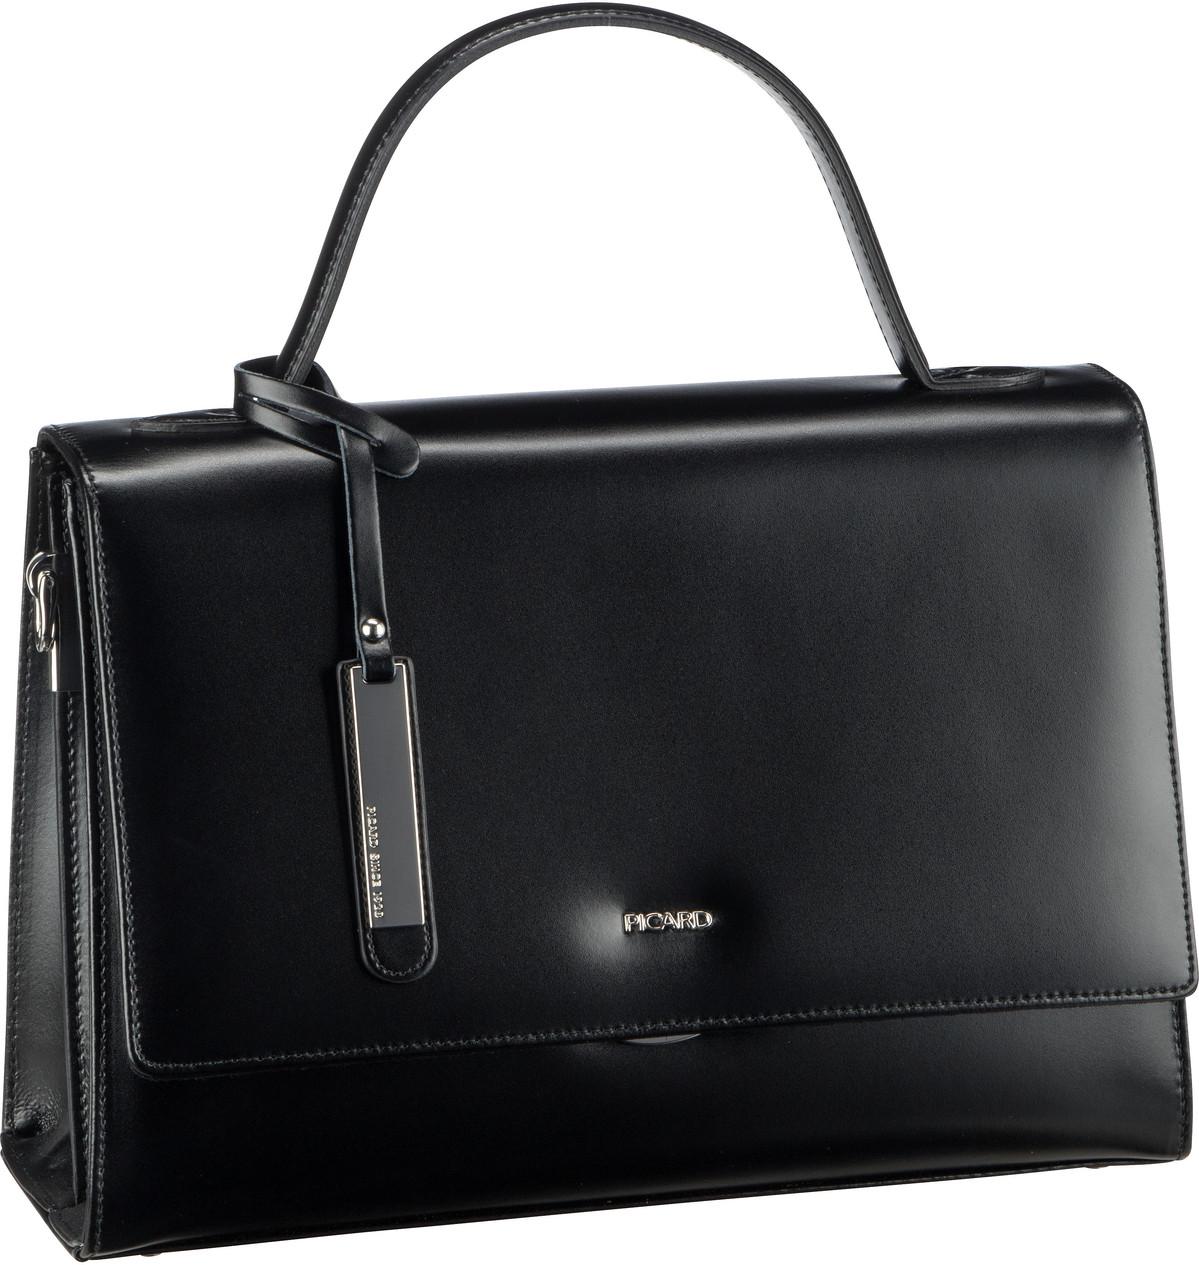 Handtasche Berlin 4870 Schwarz